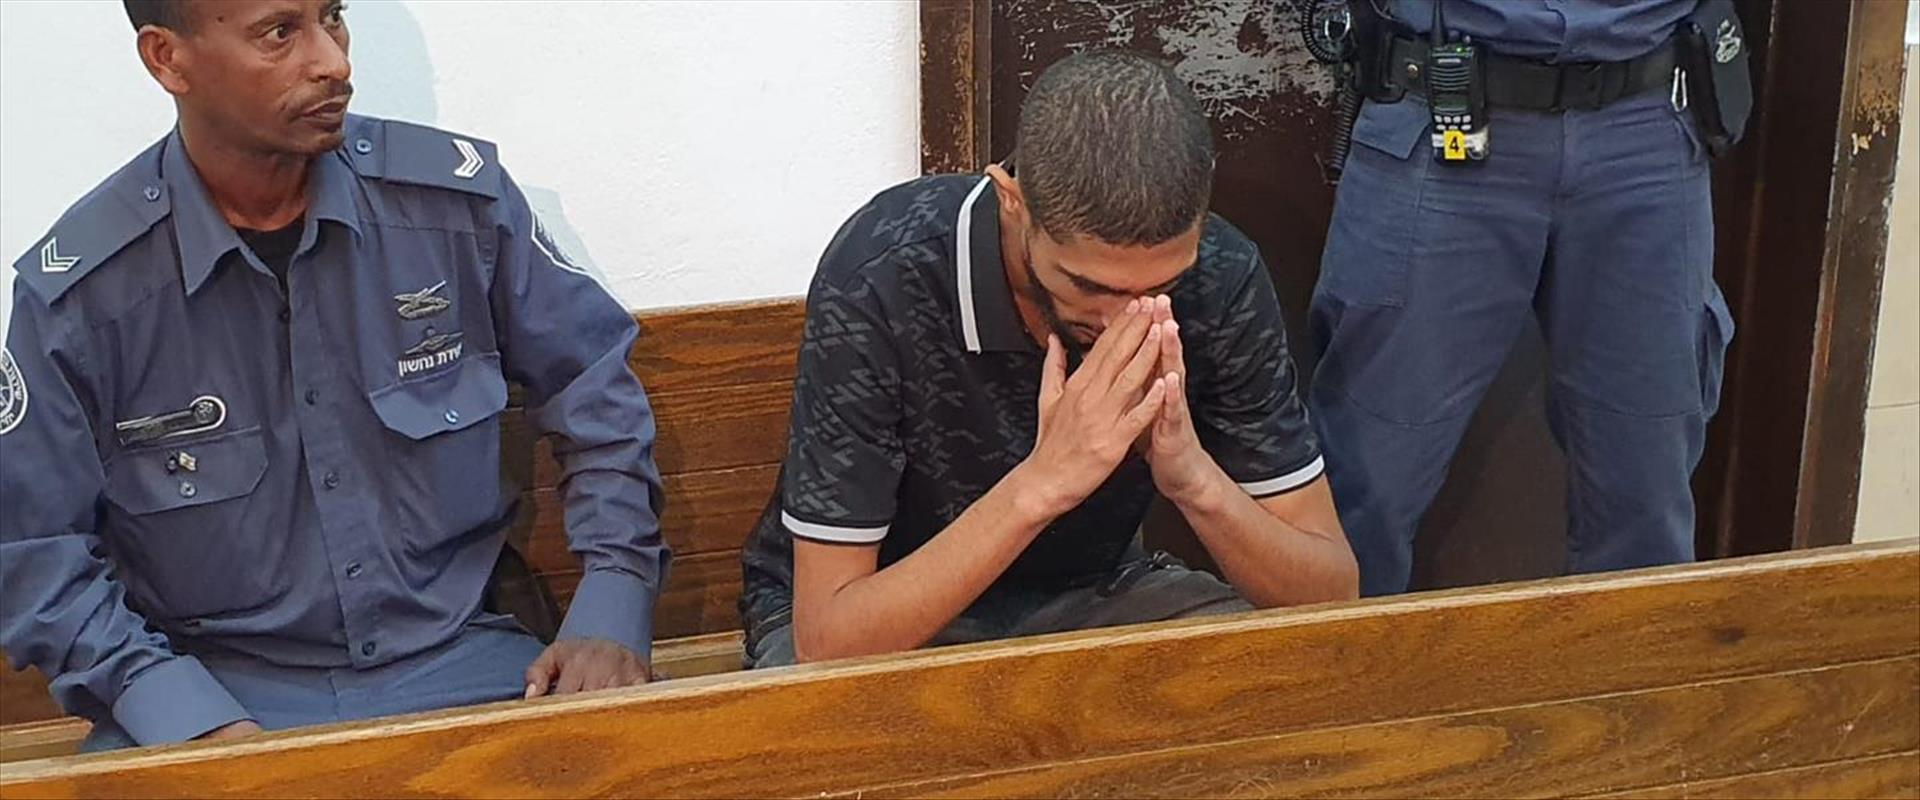 אמיר אבו לבן, הנהג החשוד בדריסת איתי מרגי